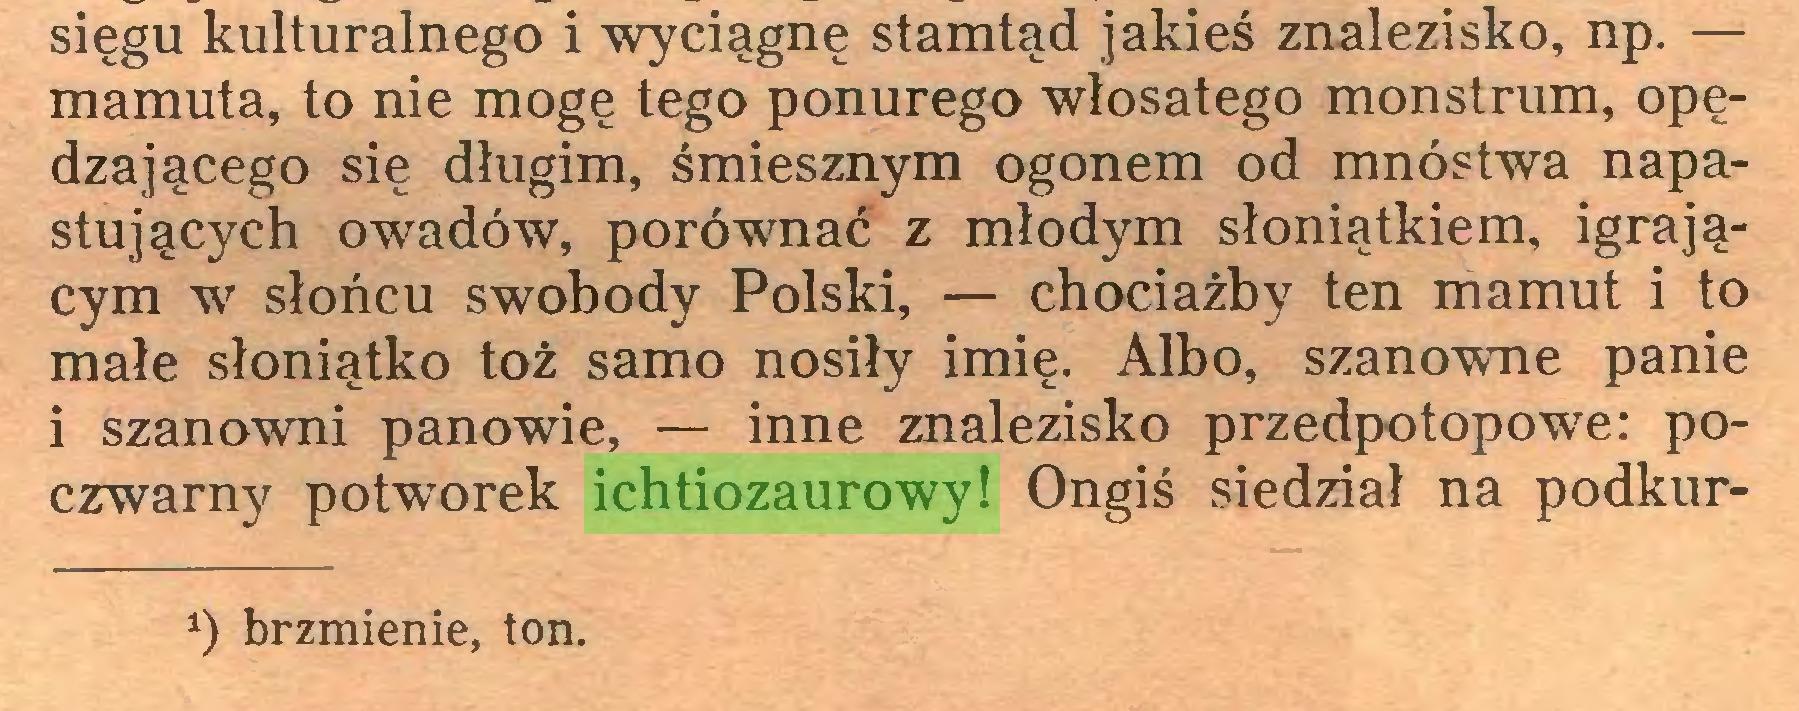 (...) sięgu kulturalnego i wyciągnę stamtąd jakieś znalezisko, np. — mamuta, to nie mogę tego ponurego włosatego monstrum, opędzającego się długim, śmiesznym ogonem od mnóstwa napastujących owadów, porównać z młodym słoniątkiem, igrającym w słońcu swobody Polski, — chociażby ten mamut i to małe słoniątko toż samo nosiły imię. Albo, szanowne panie i szanowni panowie, — inne znalezisko przedpotopowe: poczwarny potworek ichtiozaurowy! Ongiś siedział na podkur*) brzmienie, ton...